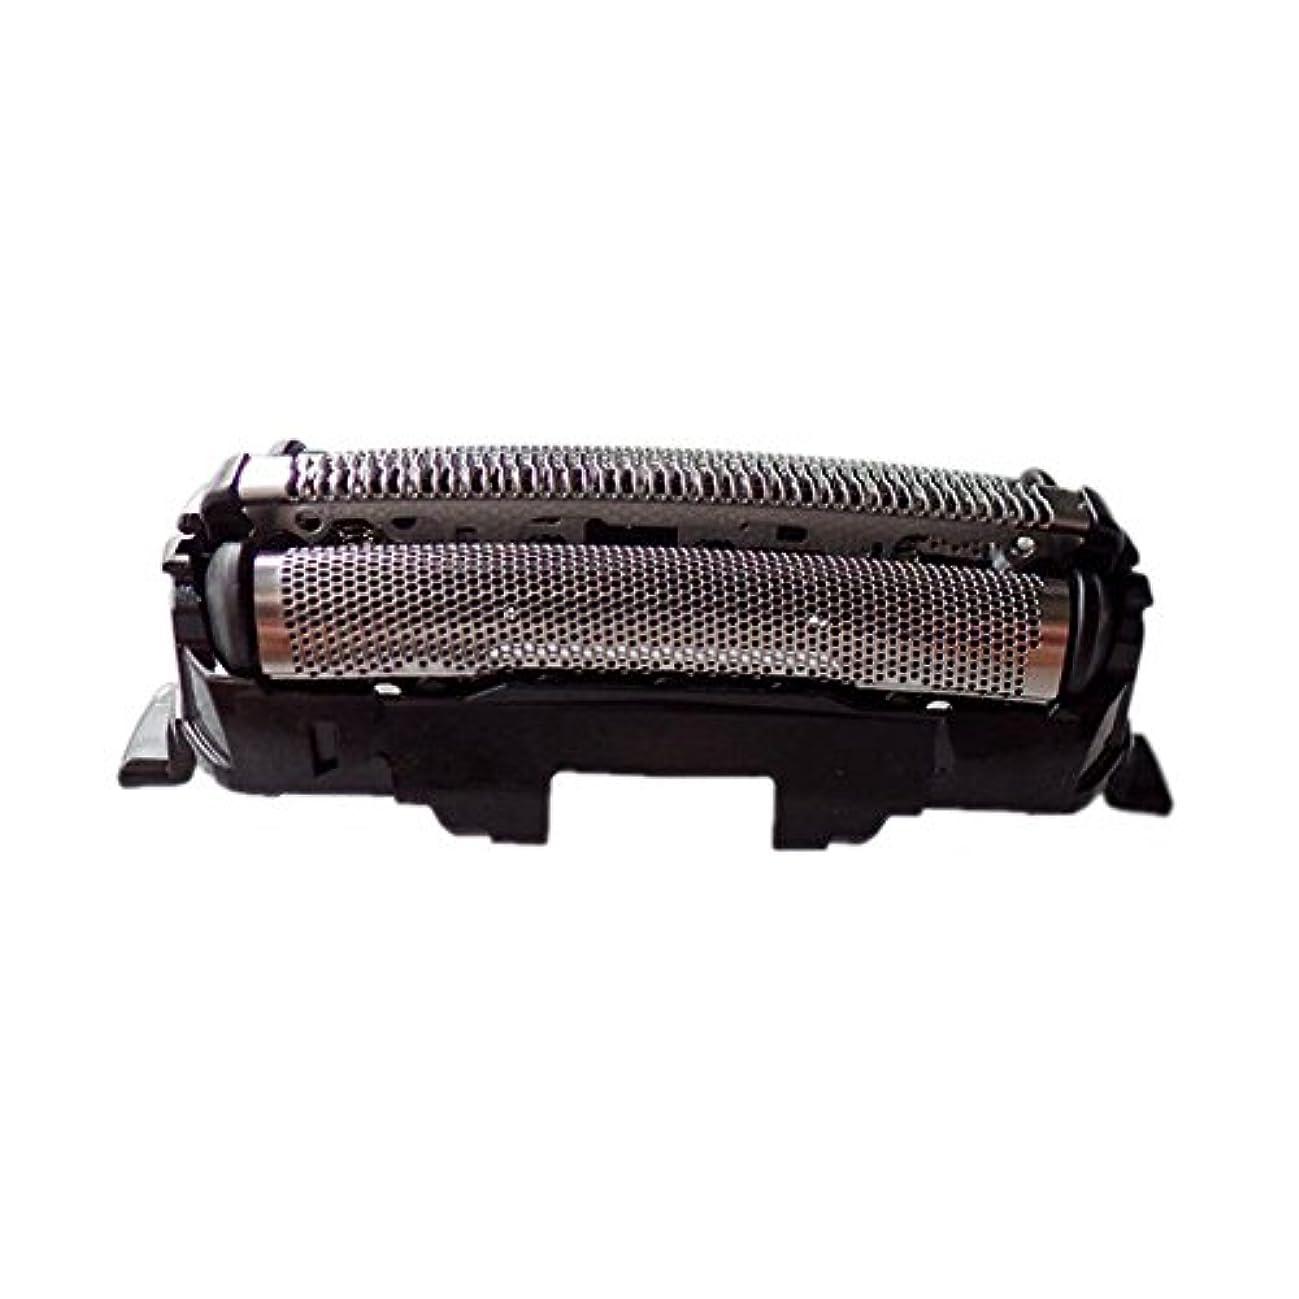 ハント砂のプラスHzjundasi シェーバーパーツ 部品 外刃 ロータリー式シェーバー替刃 耐用 高質量 for Panasonic ES9087 ES8113 ES8116 ES-LT22/LT31